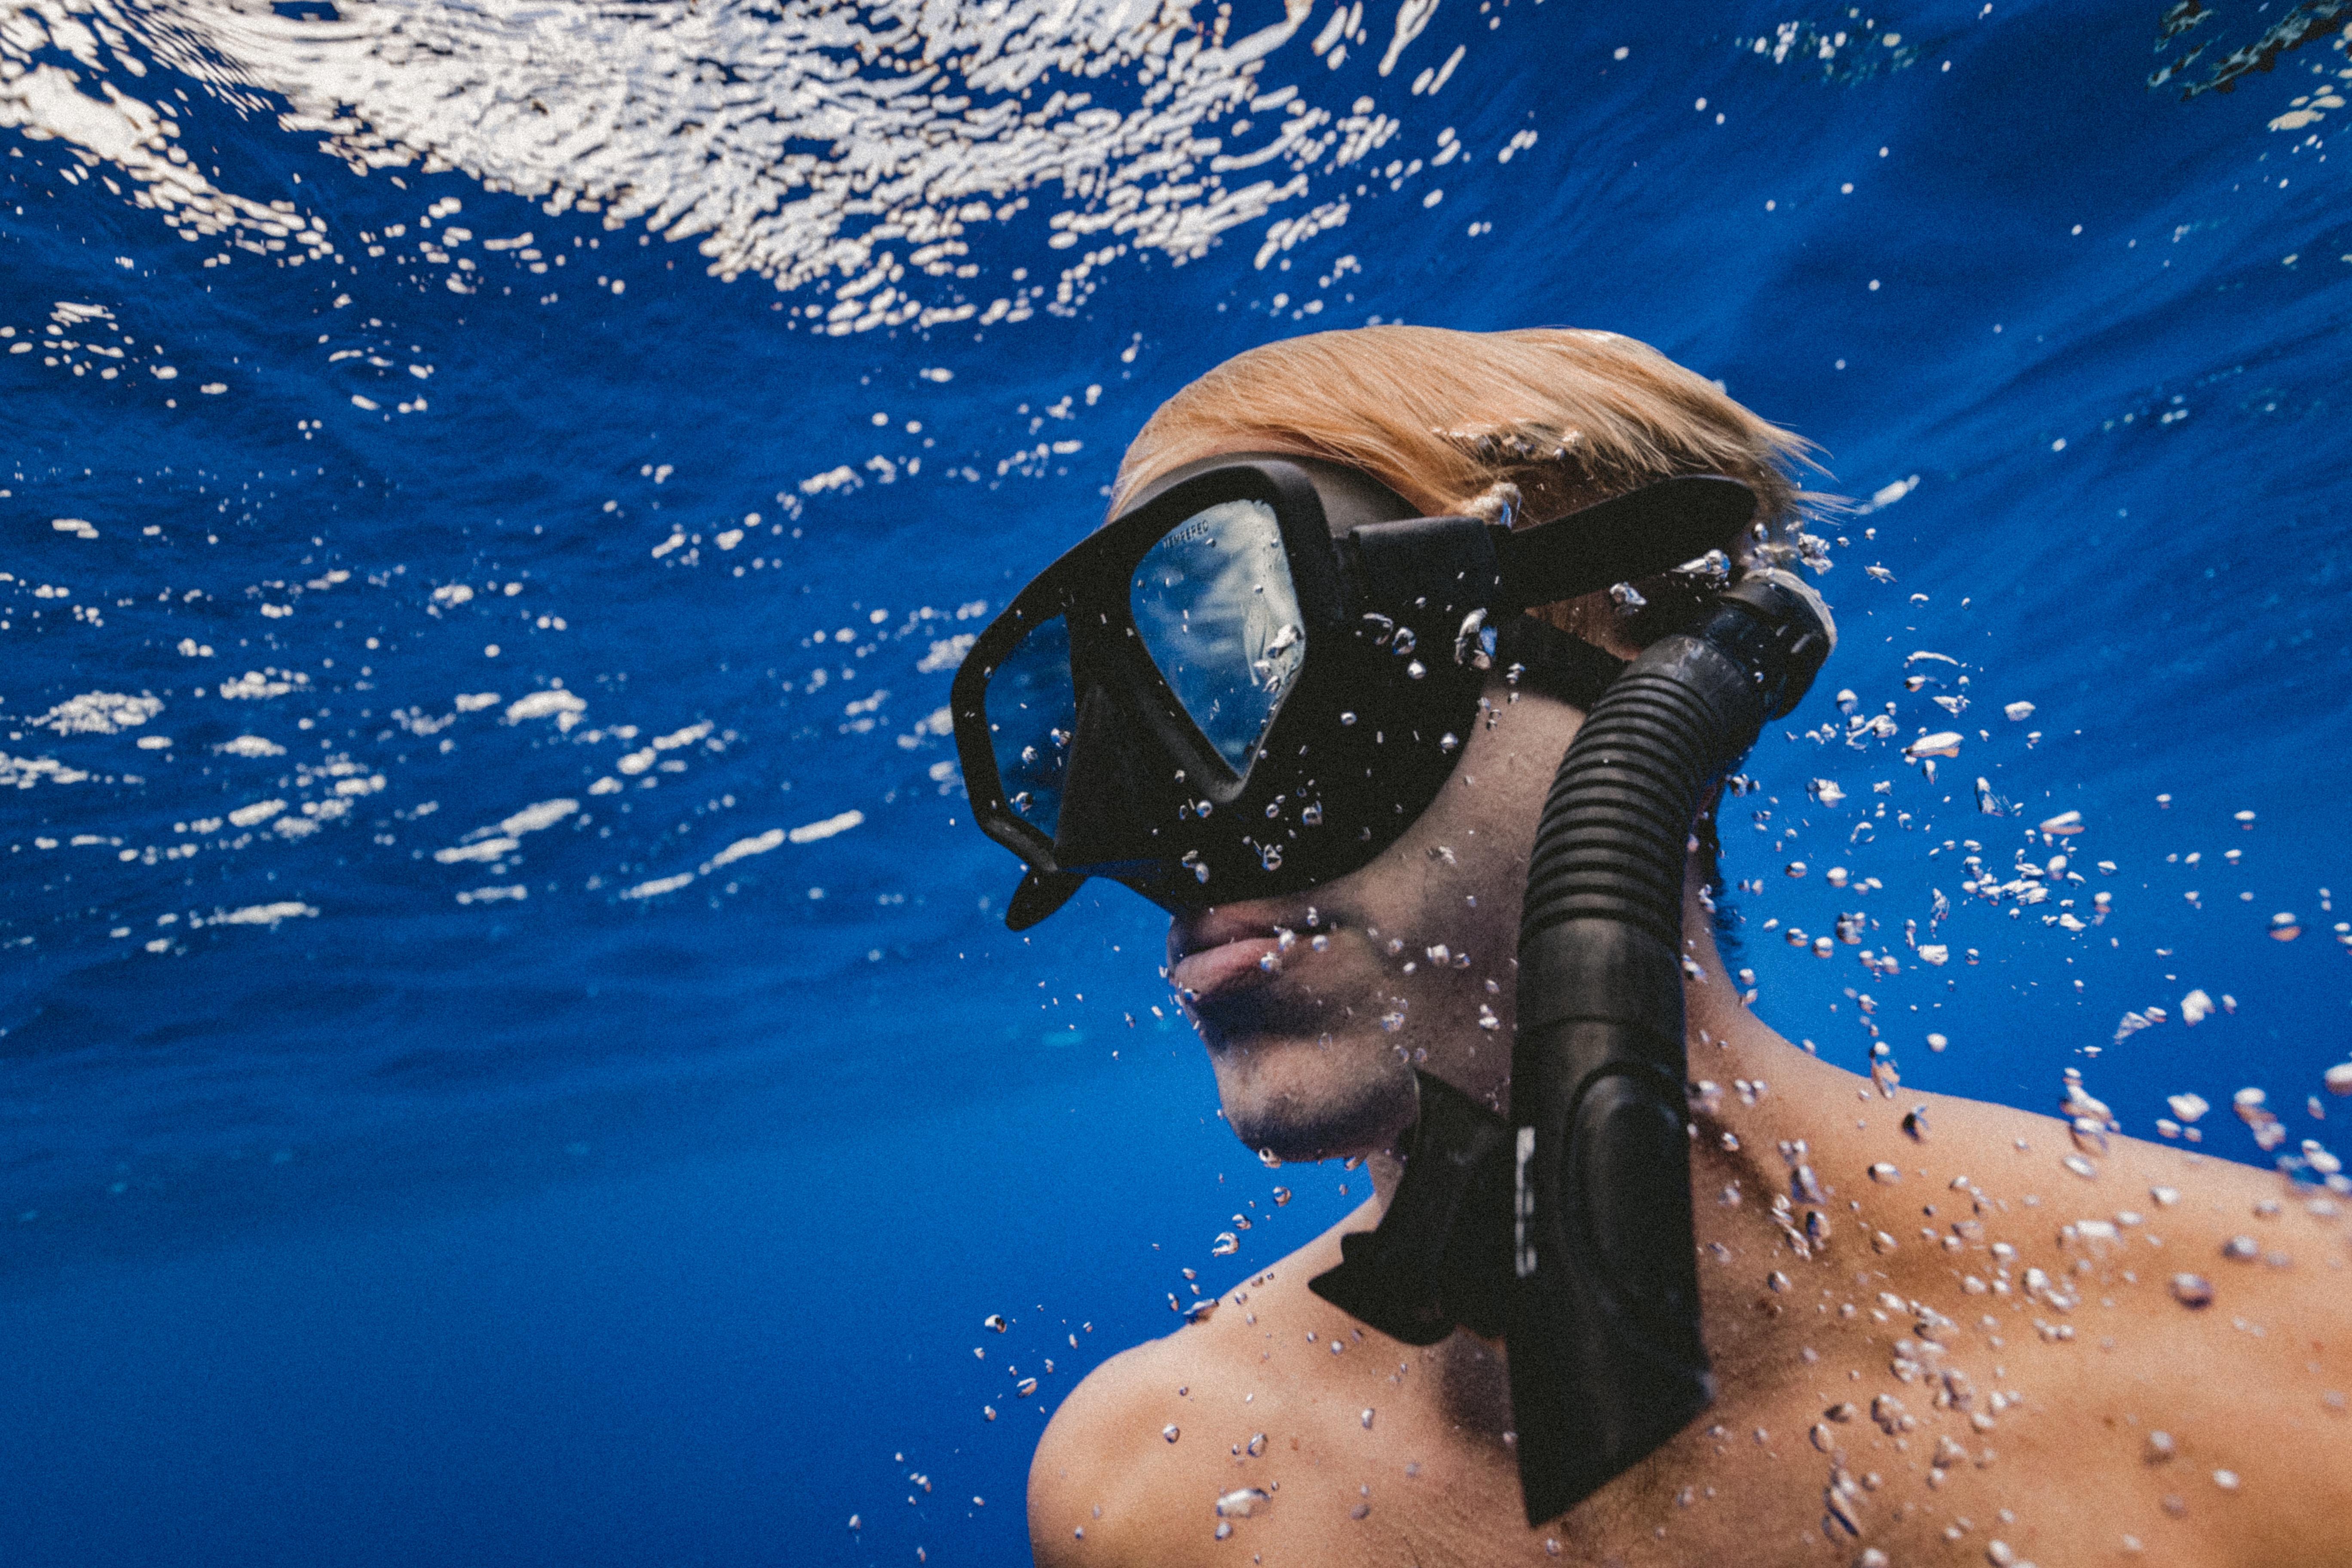 summer stock photos diver